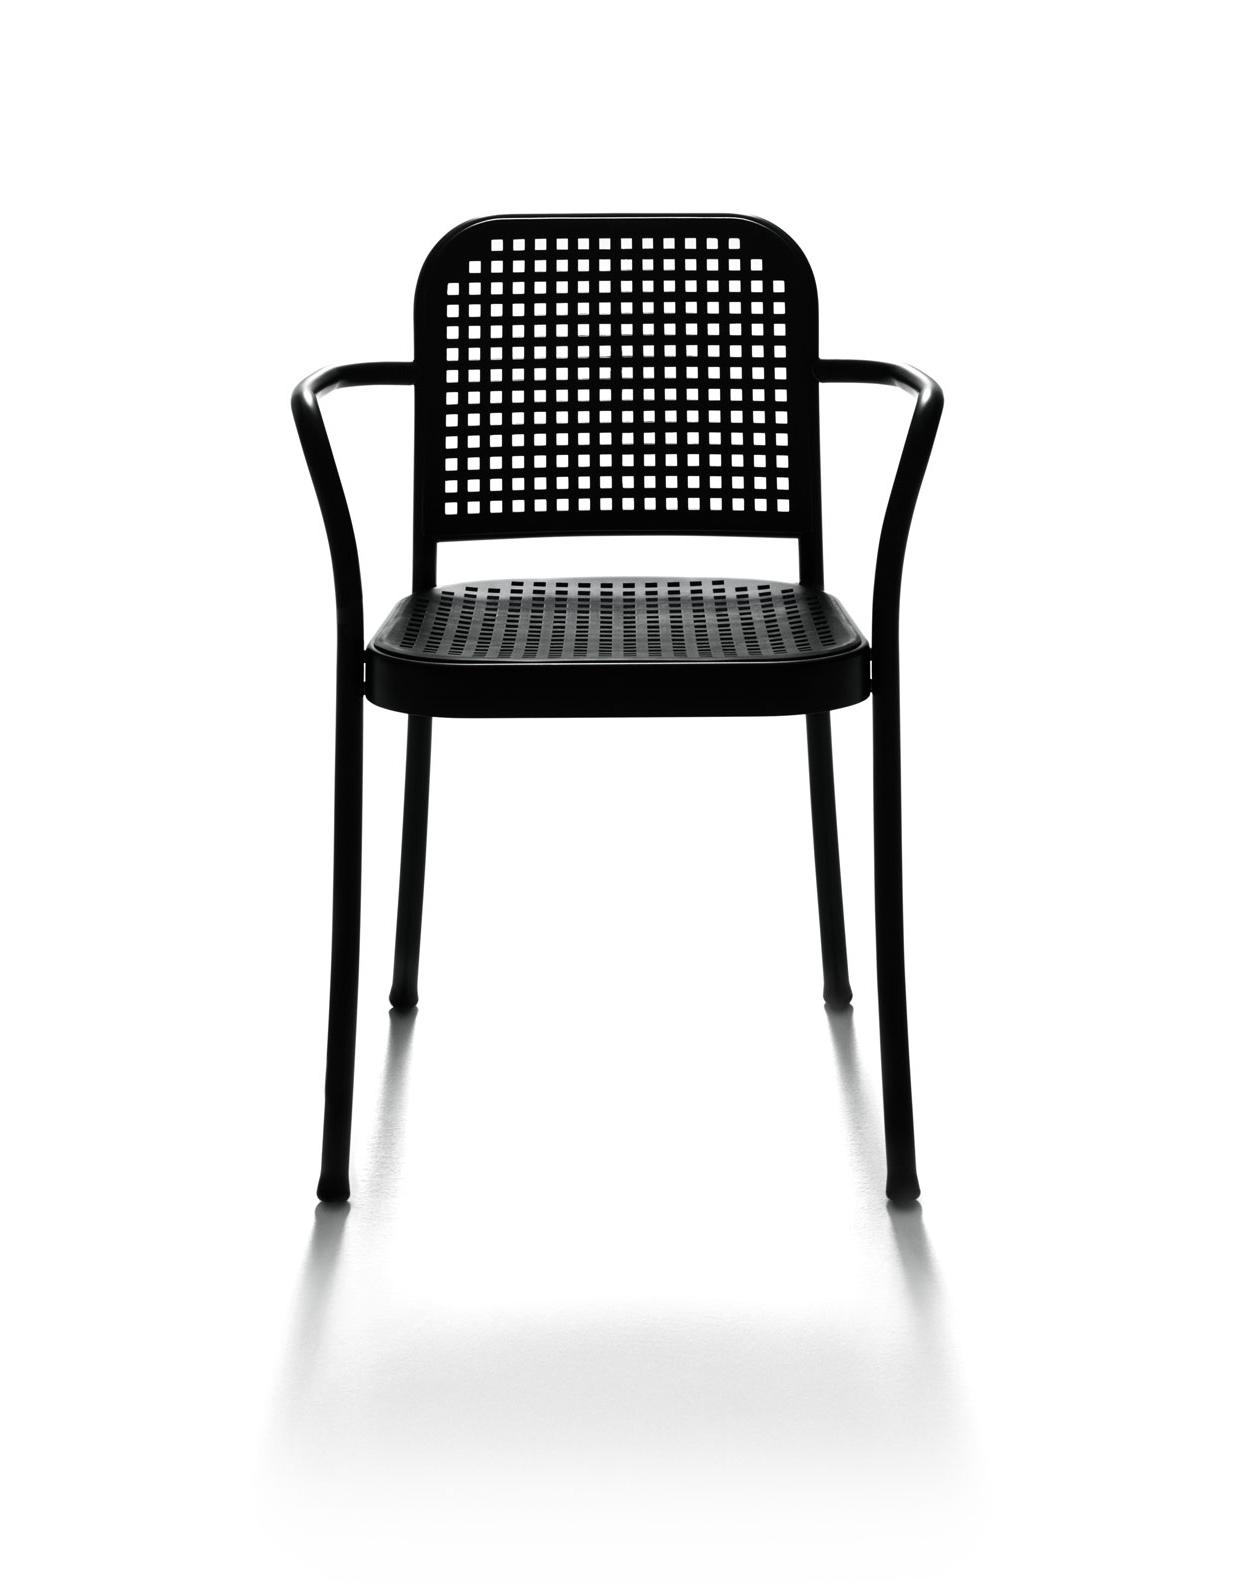 20160407-2530-depadova-sedie-silver-intro.jpg